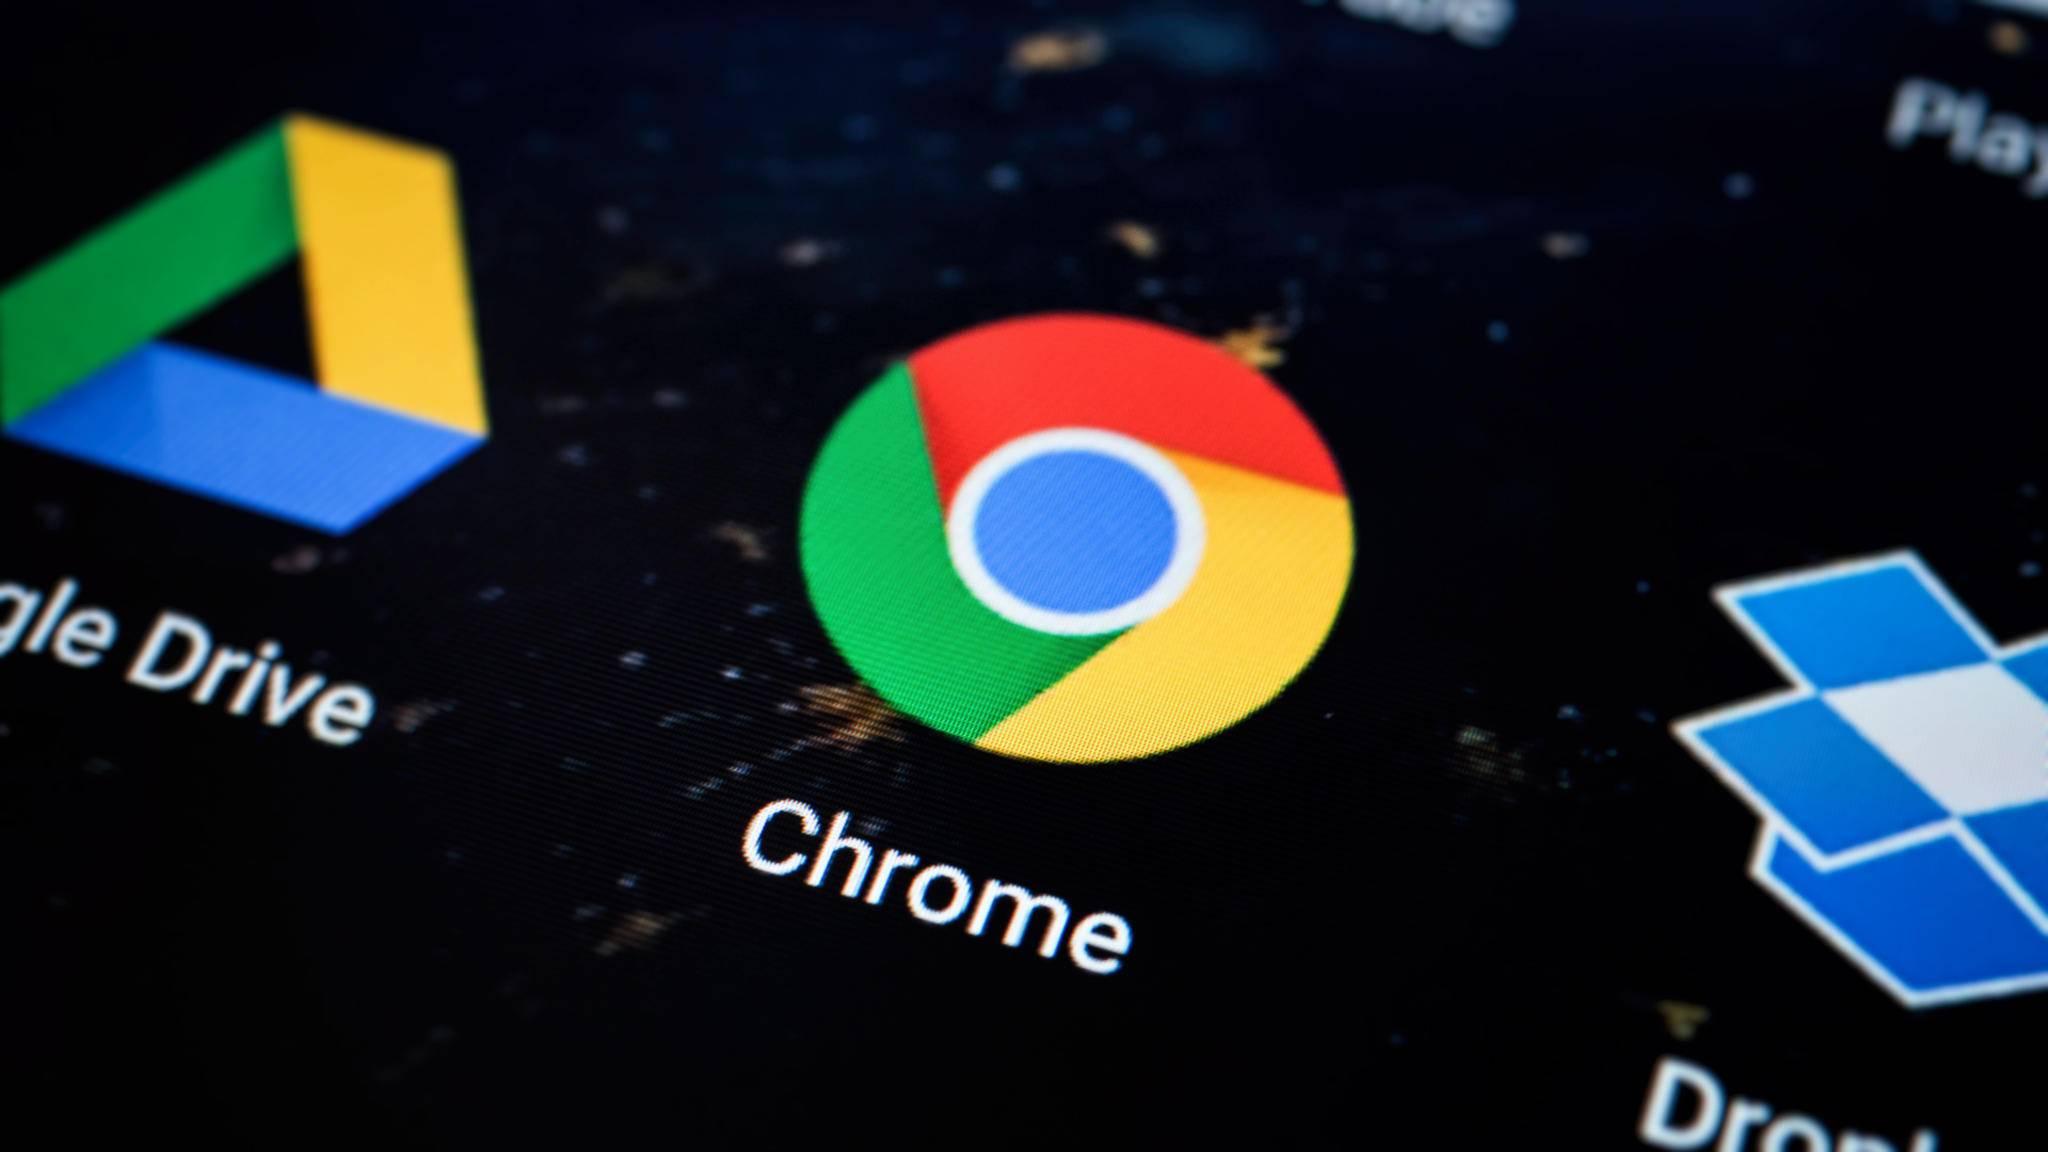 Das neueste Software-Update soll den Chrome-Browser auf Android-Smartphones noch schneller machen.